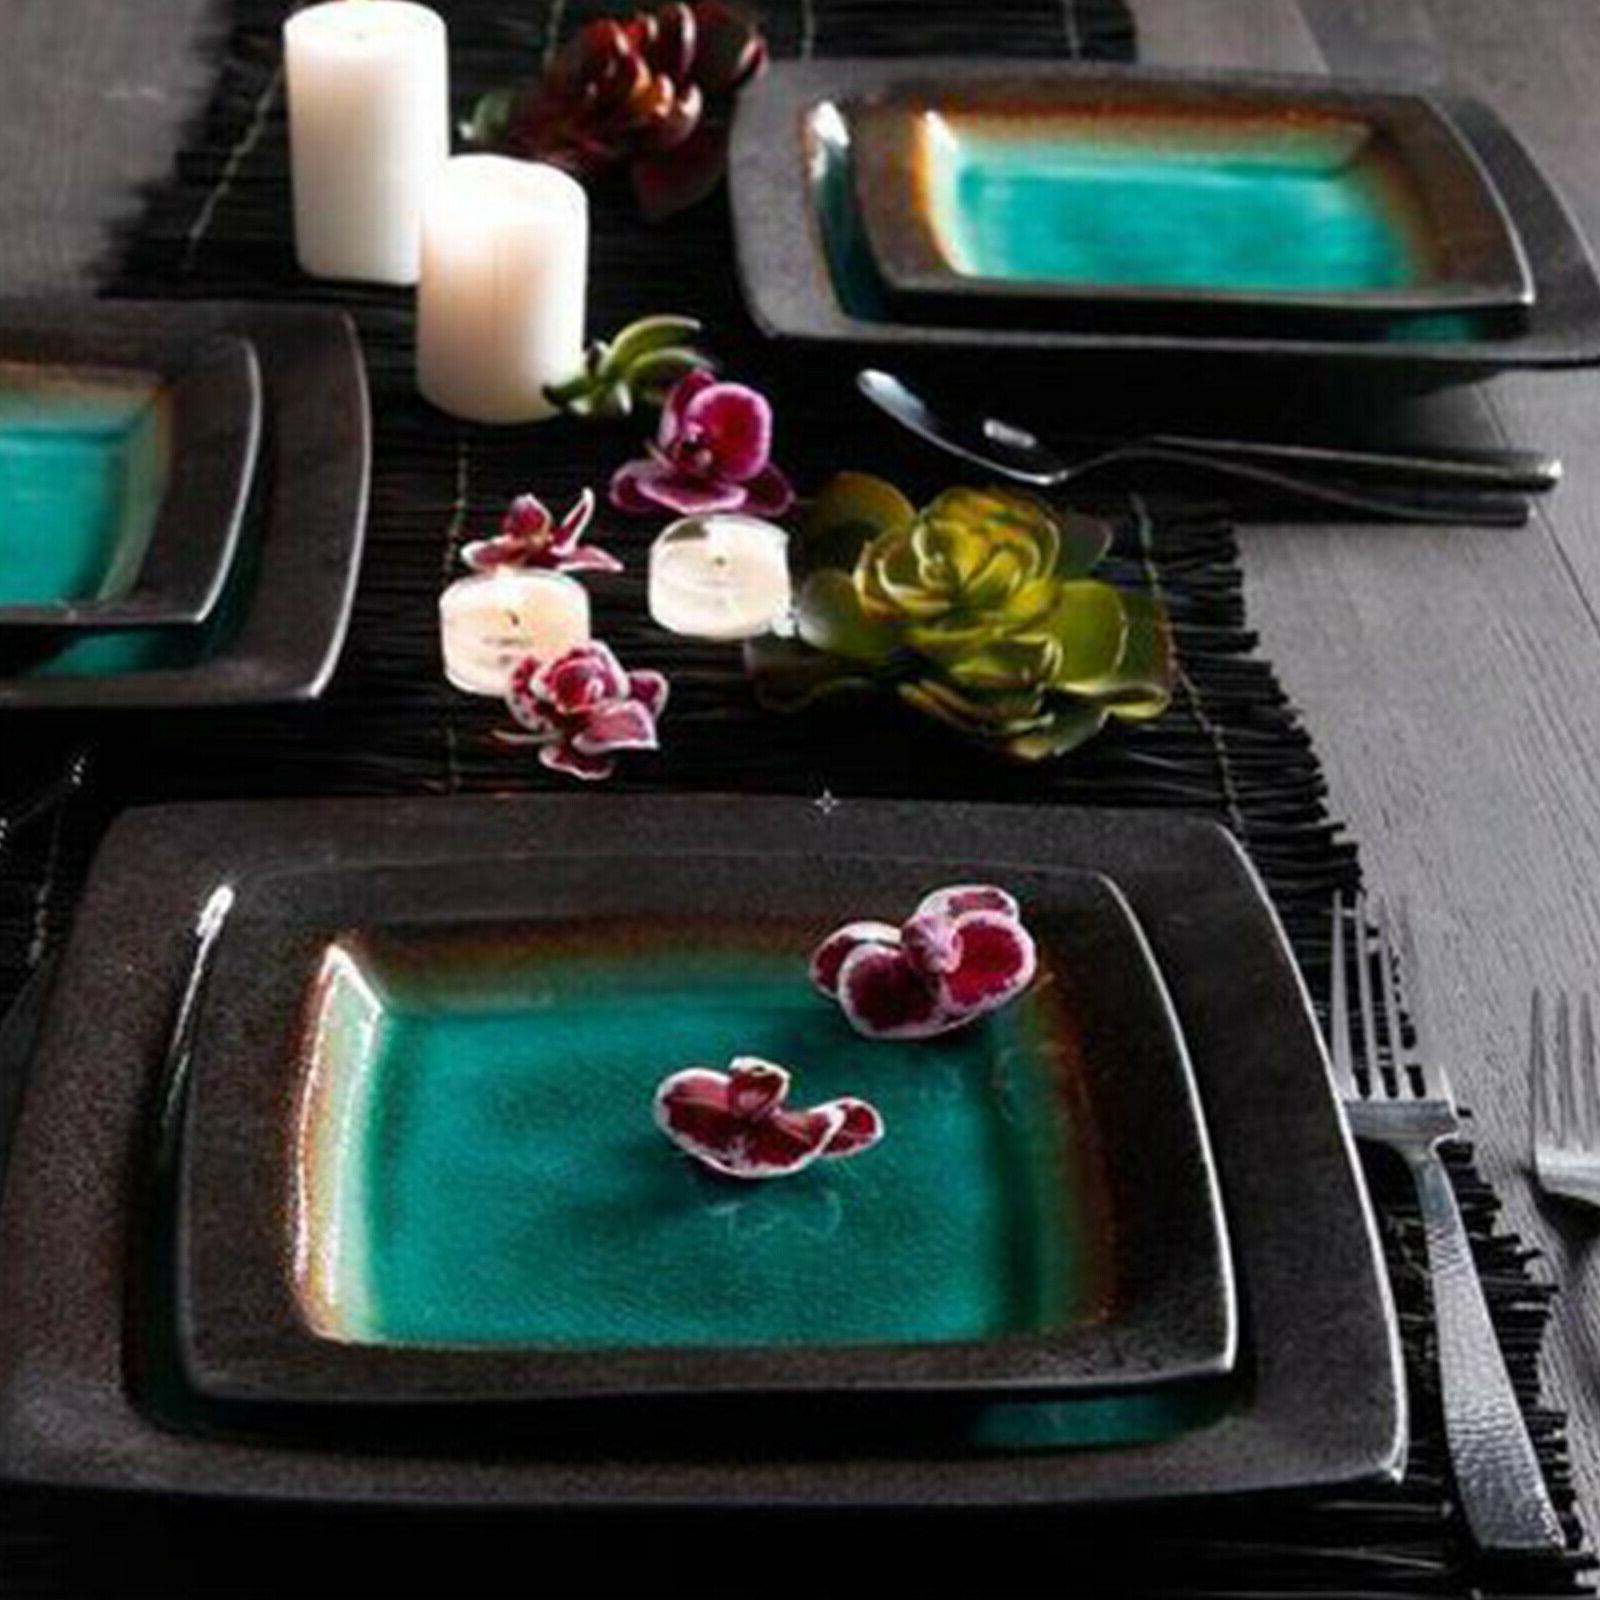 Square Dinnerware For 4 Plates Bowls Mug New